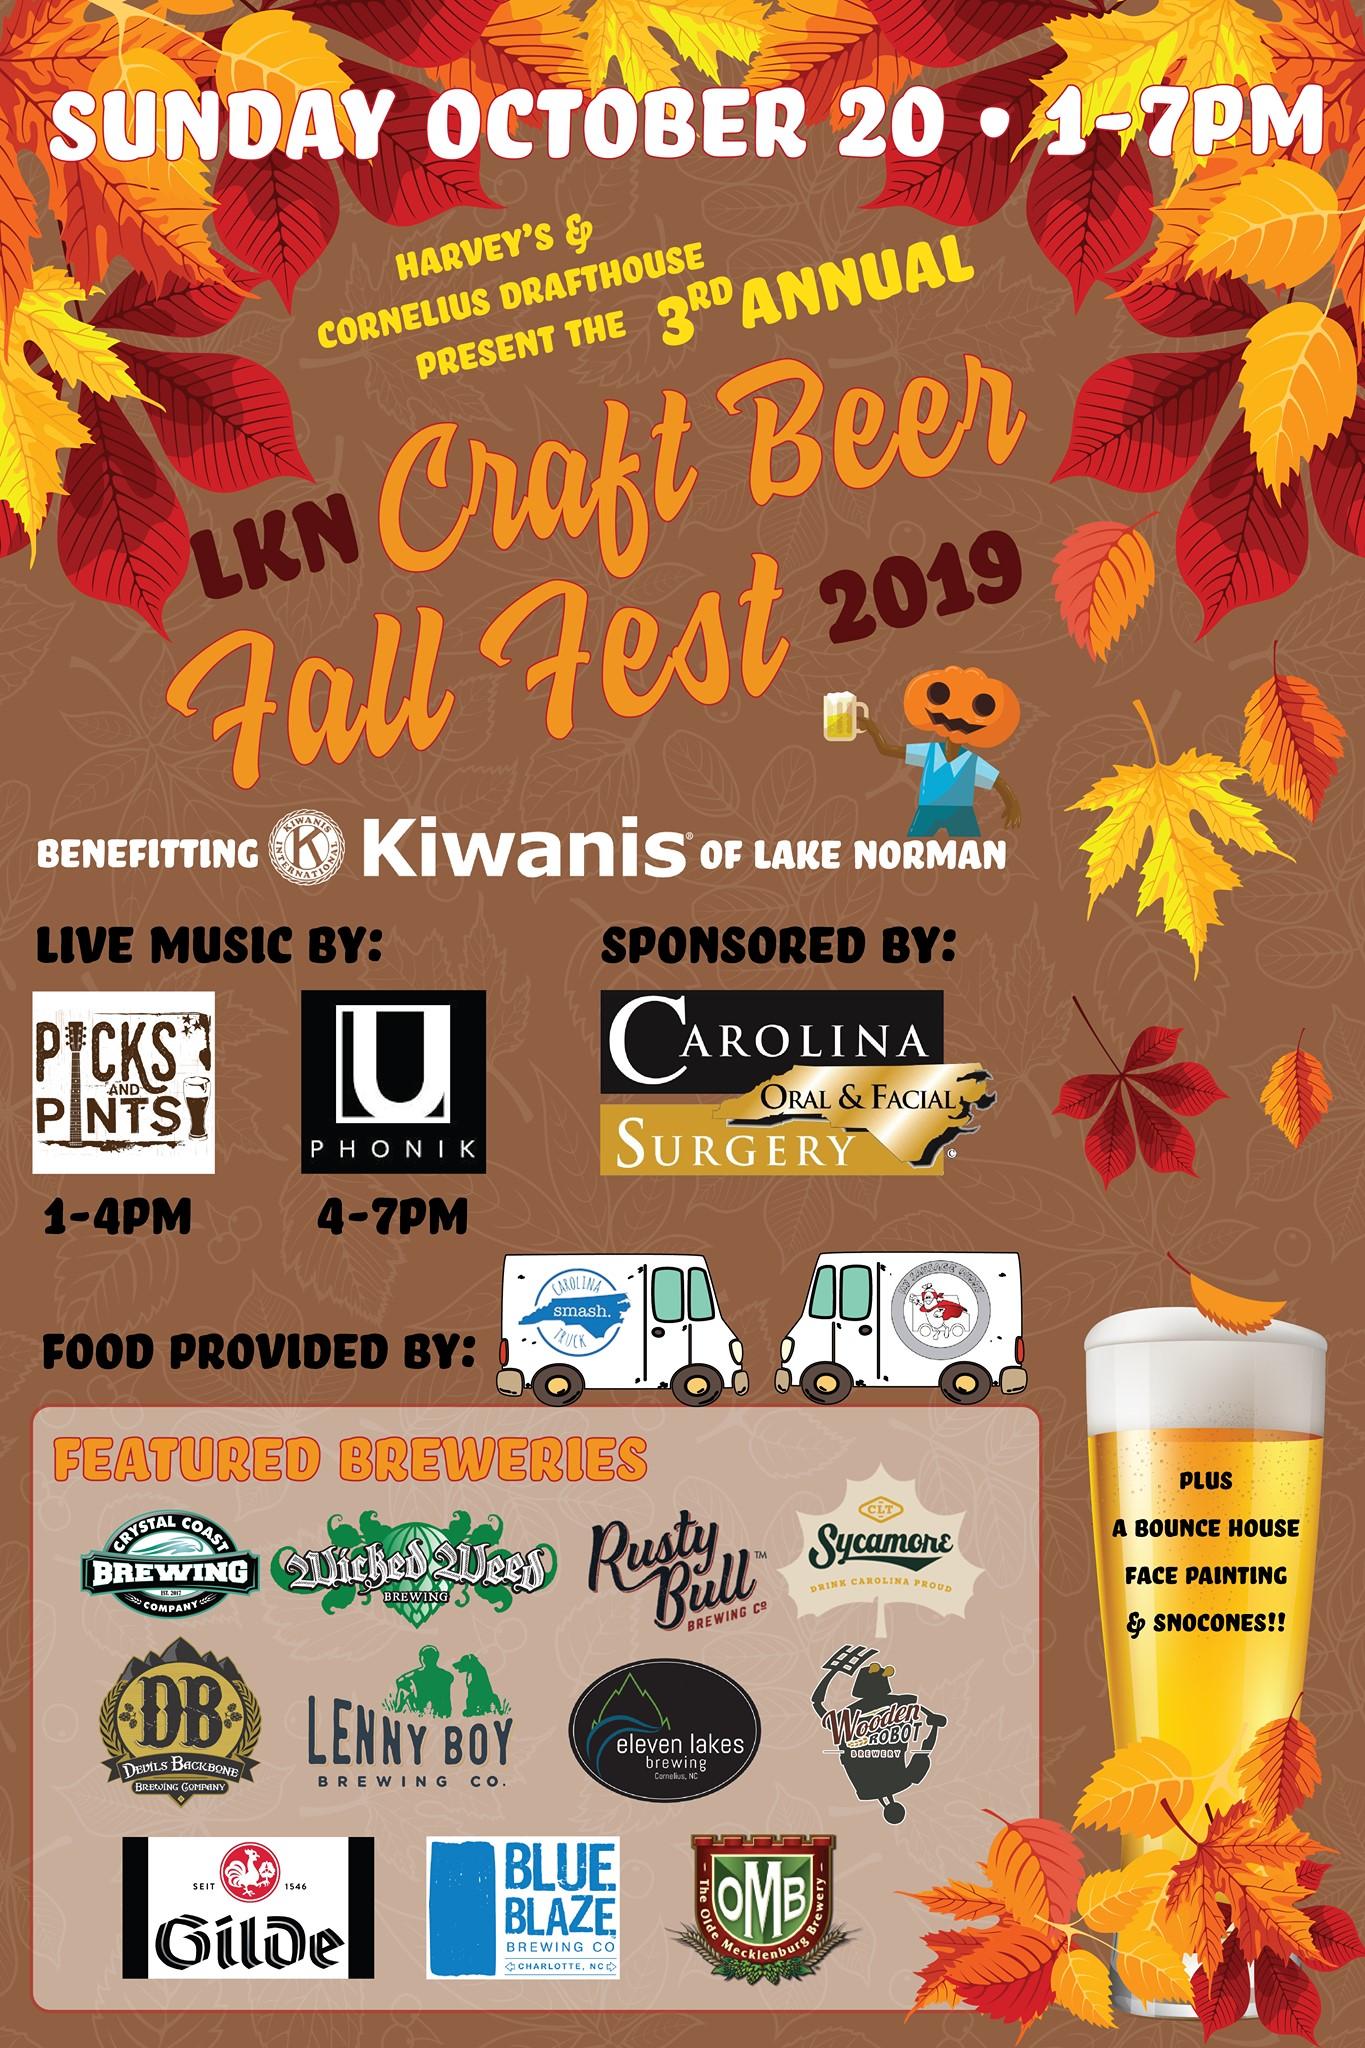 Image Courtesy: Fall Fest Beer Festival